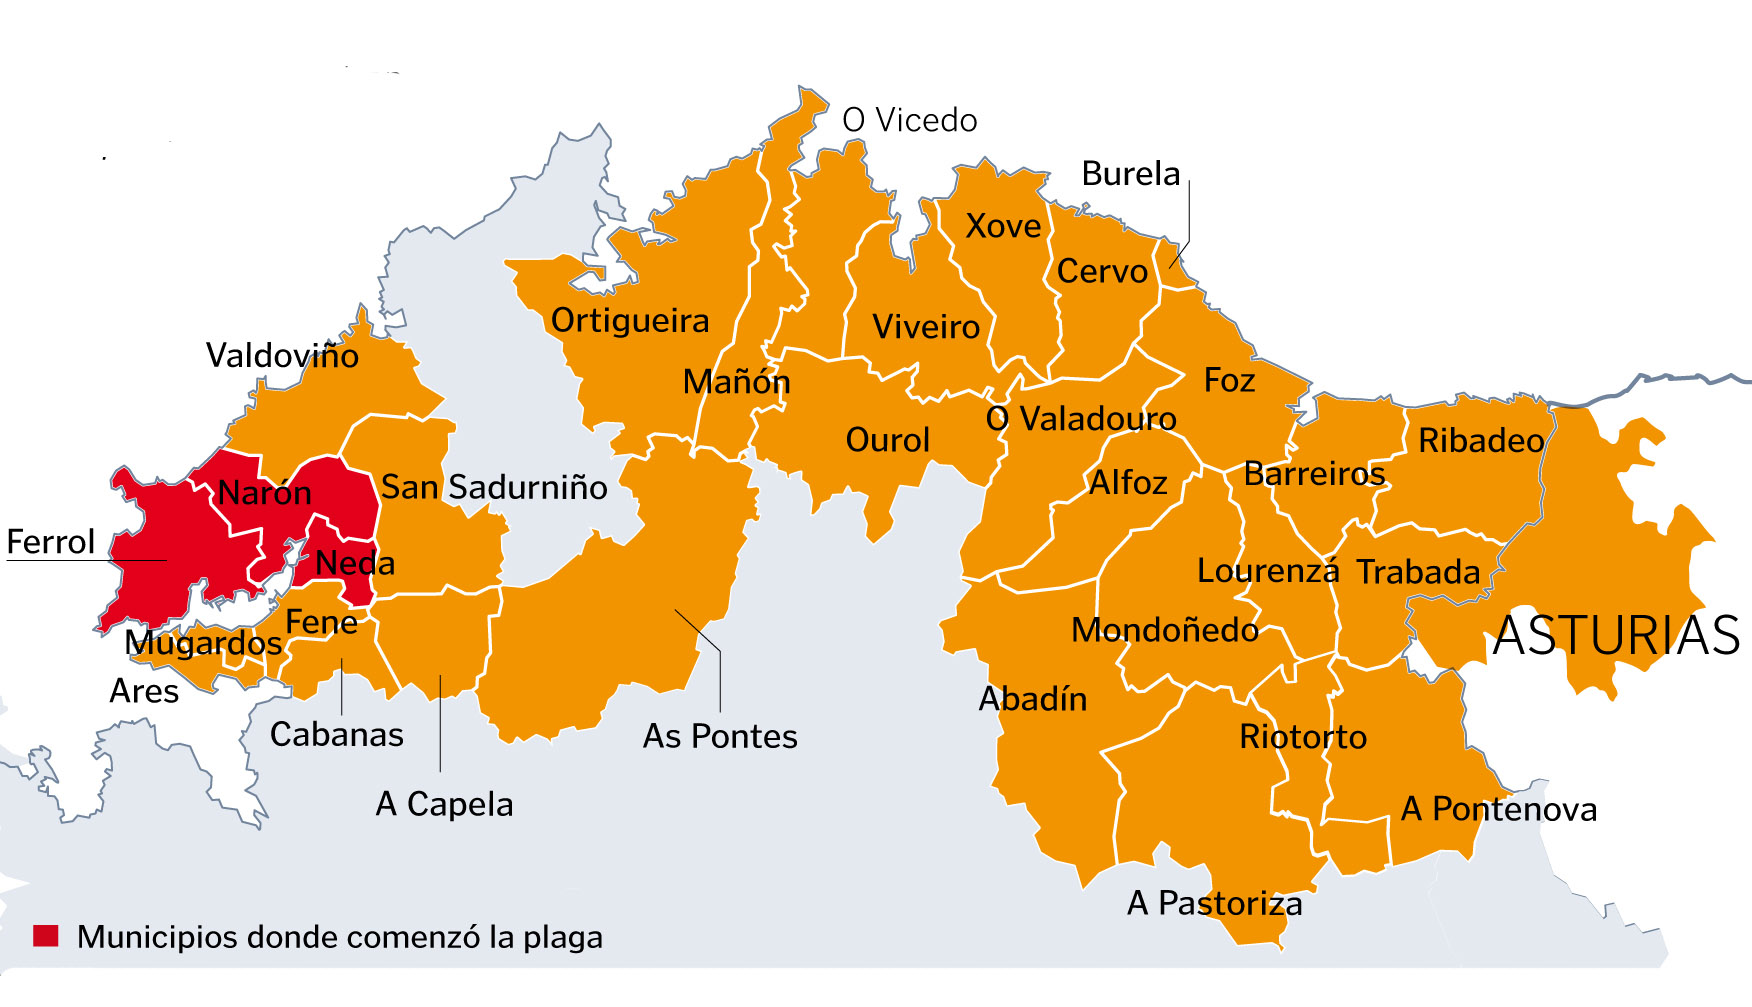 Autor: La Voz de Galicia